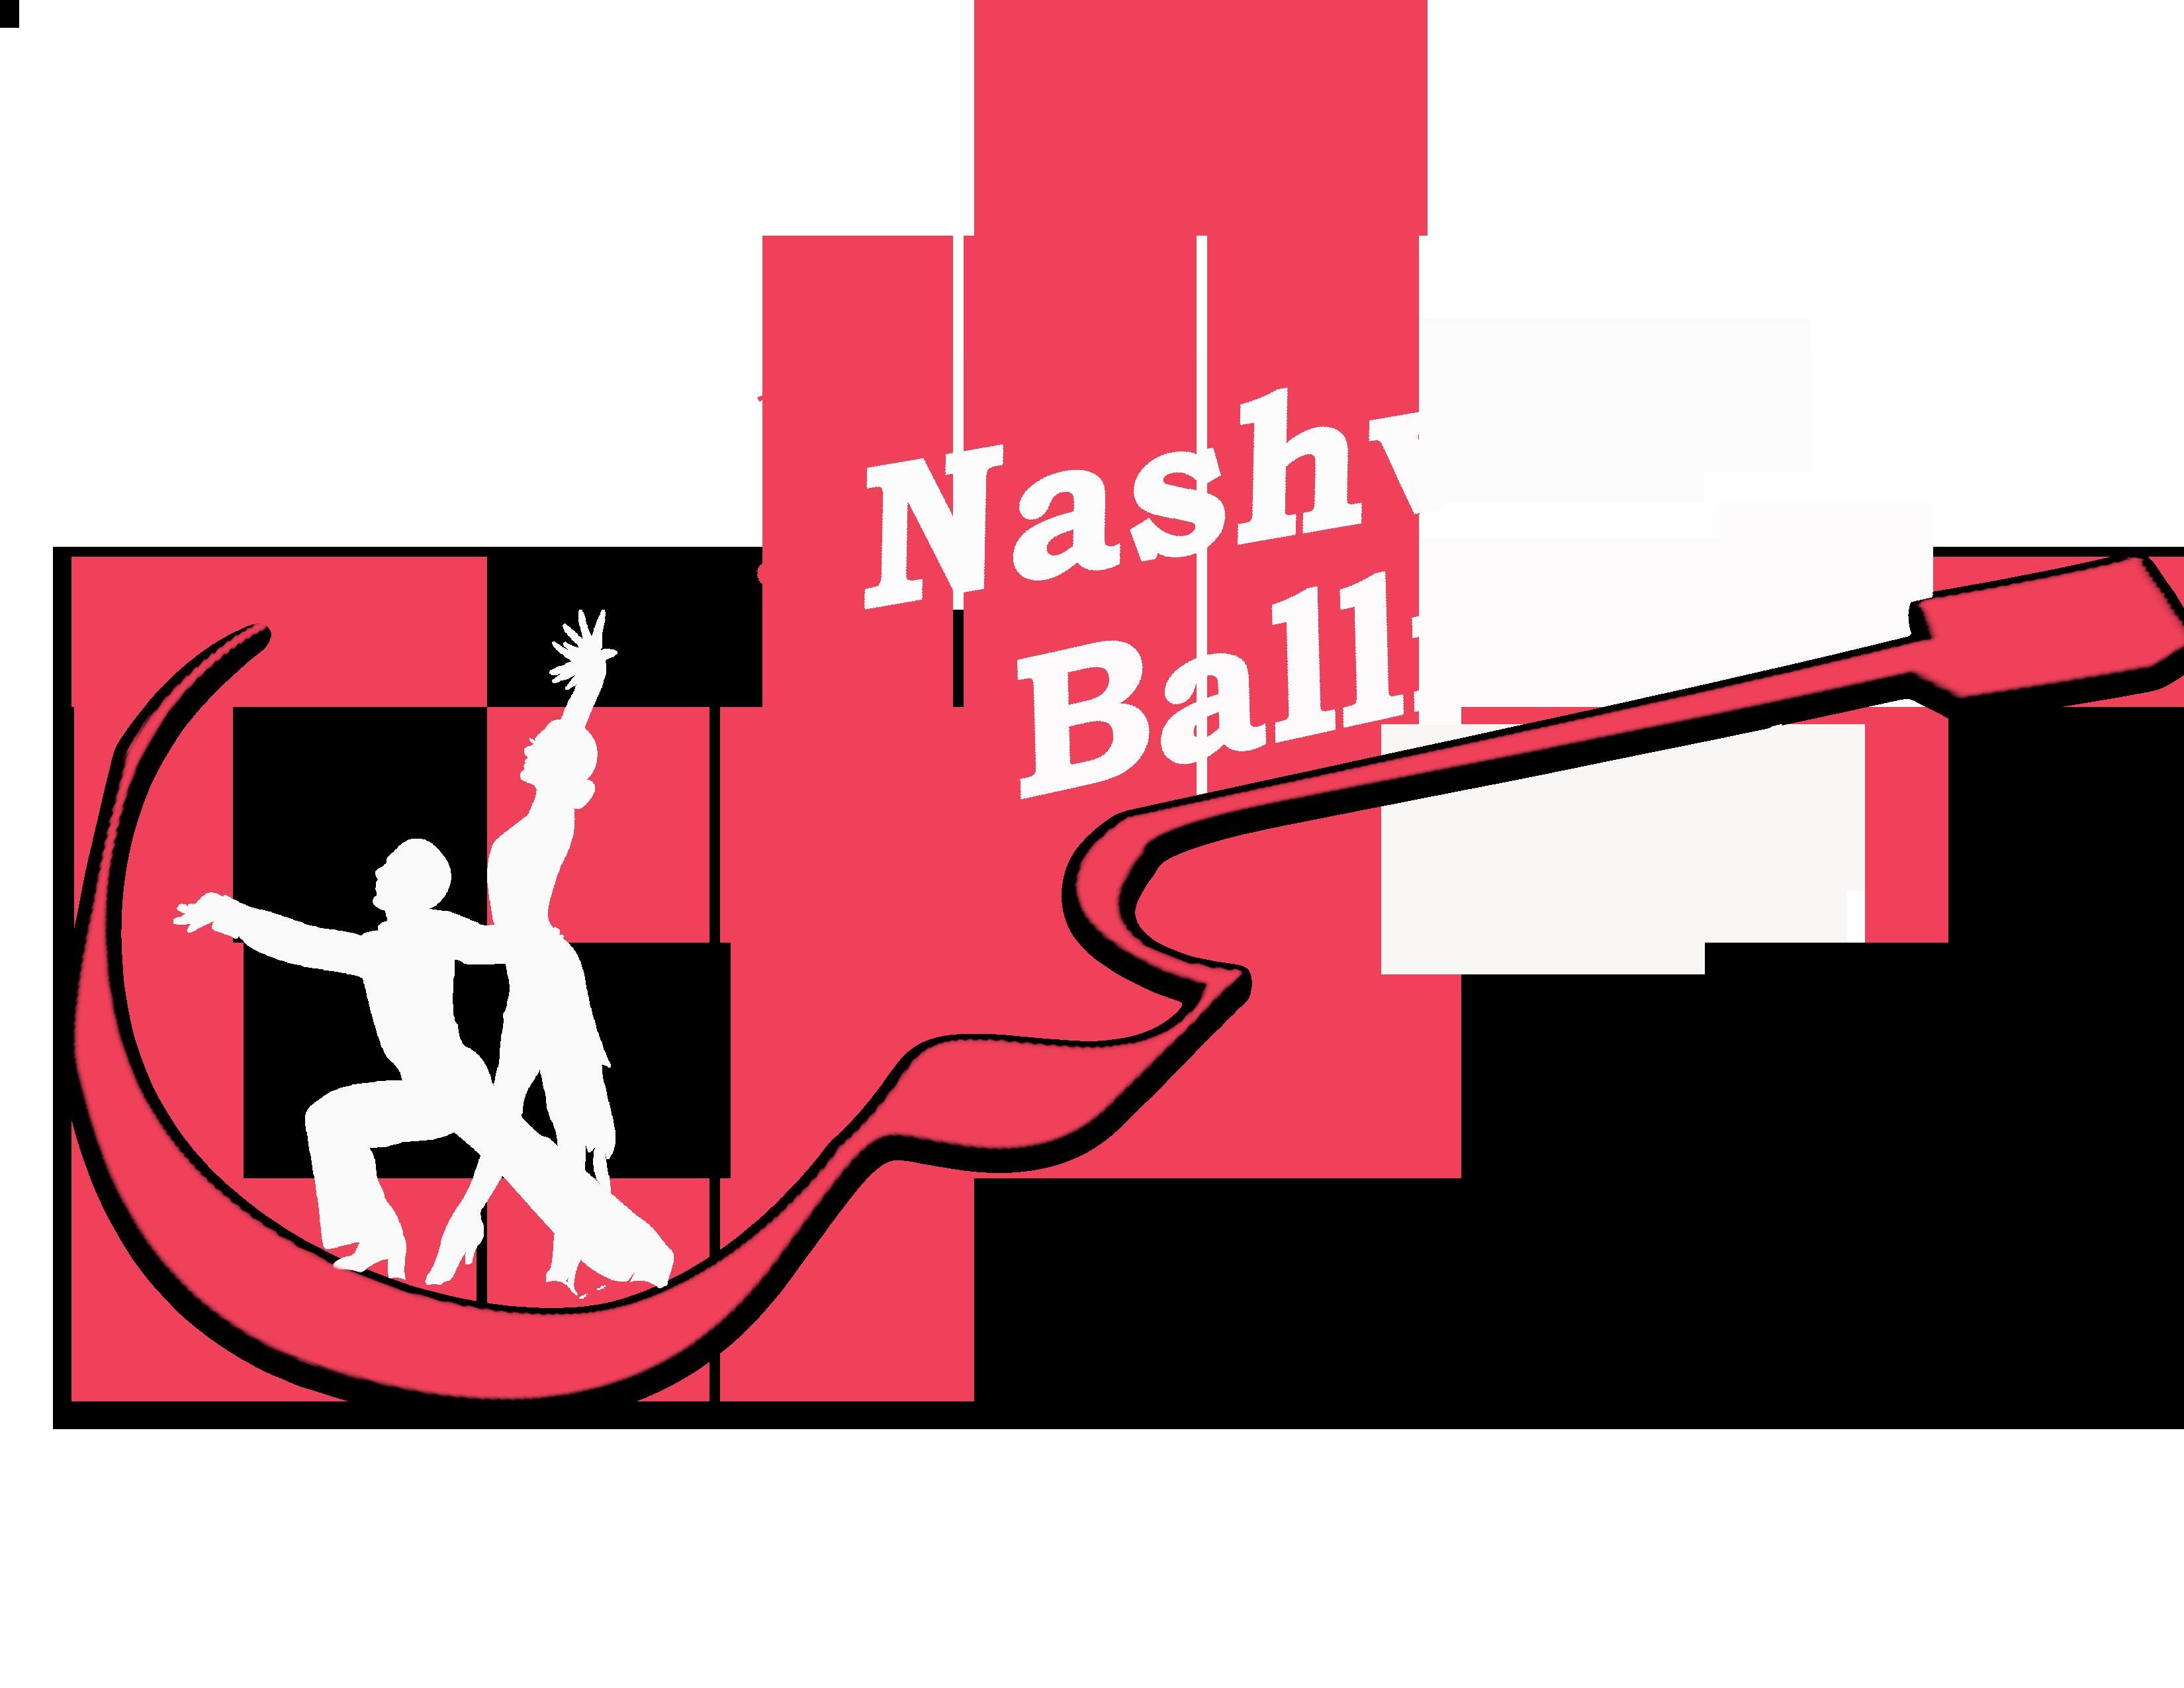 Nashville Ballroom Bash